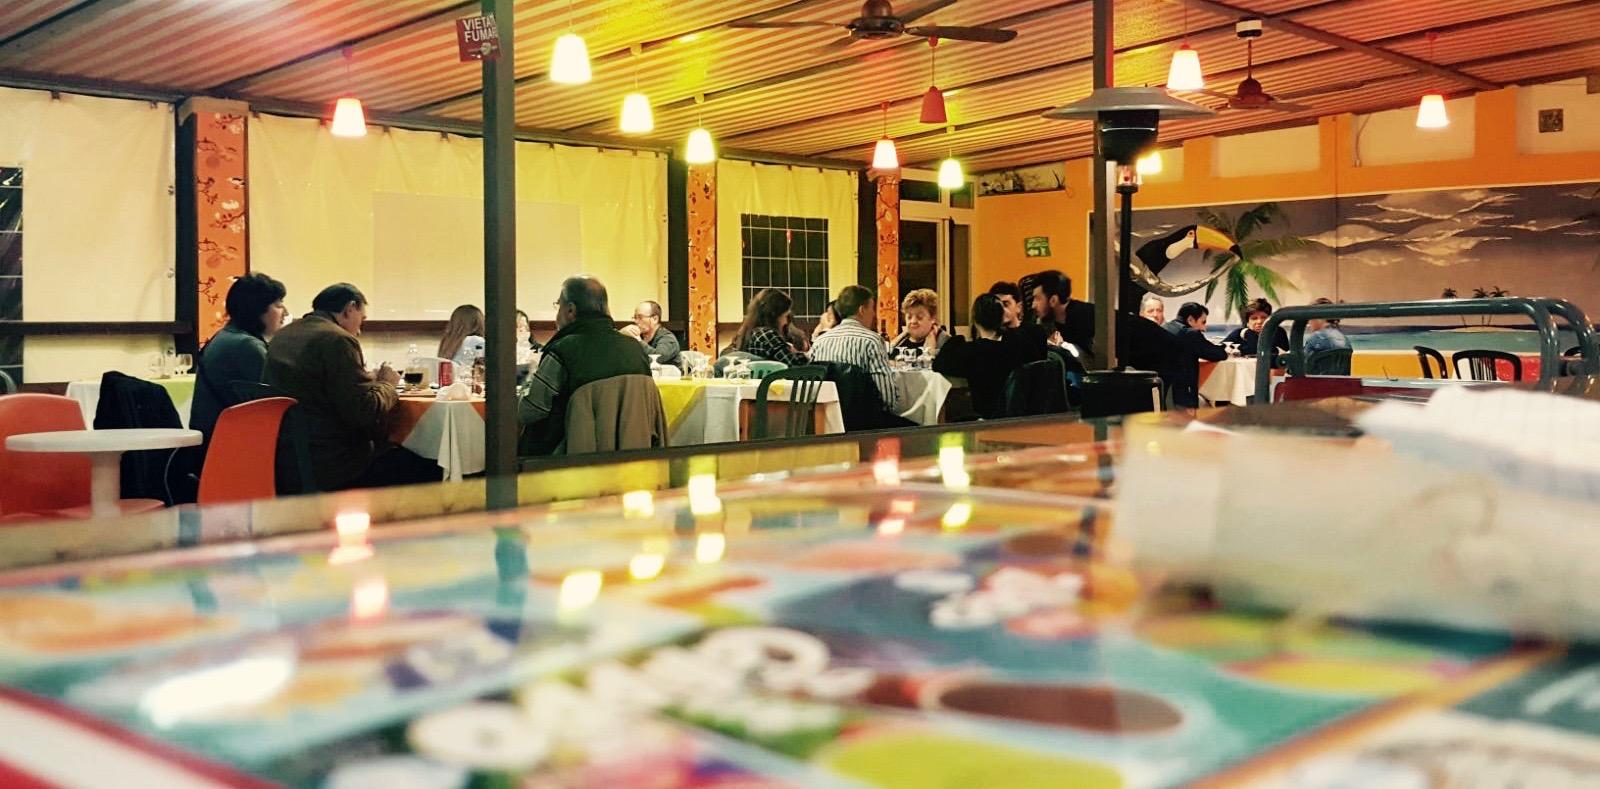 Cucina tipica regionale, vera pizza napoletana e ampio bar più terrazza all'ingresso della spiaggia privata - sul mare bandiera blu 2016 di Villammare Vibonati (SA) - al Ristorante Pizzeria Bar Solemare del camping village Europa Unita